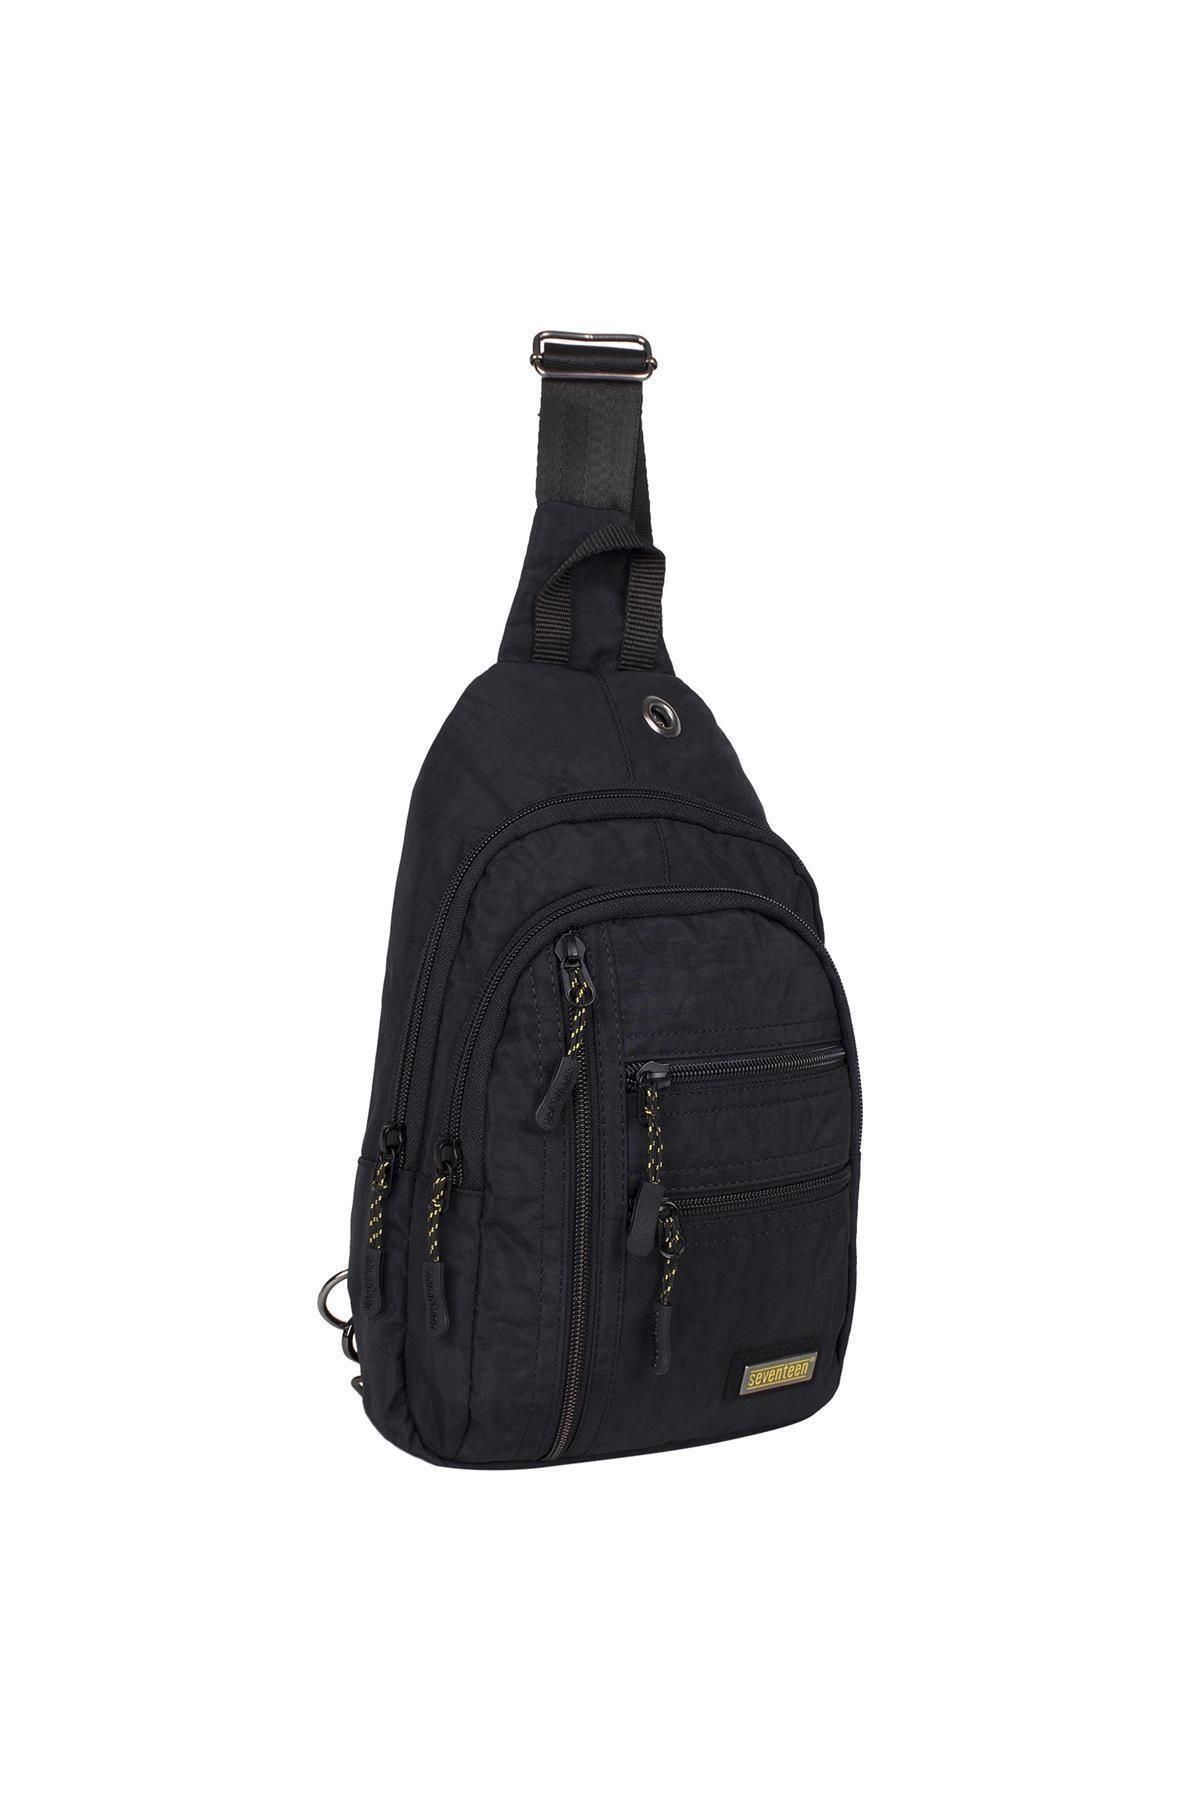 Bagacar Unisex Siyah Kumaş Çapraz Göğüs Body Bag Ve Sırt Çantası 2